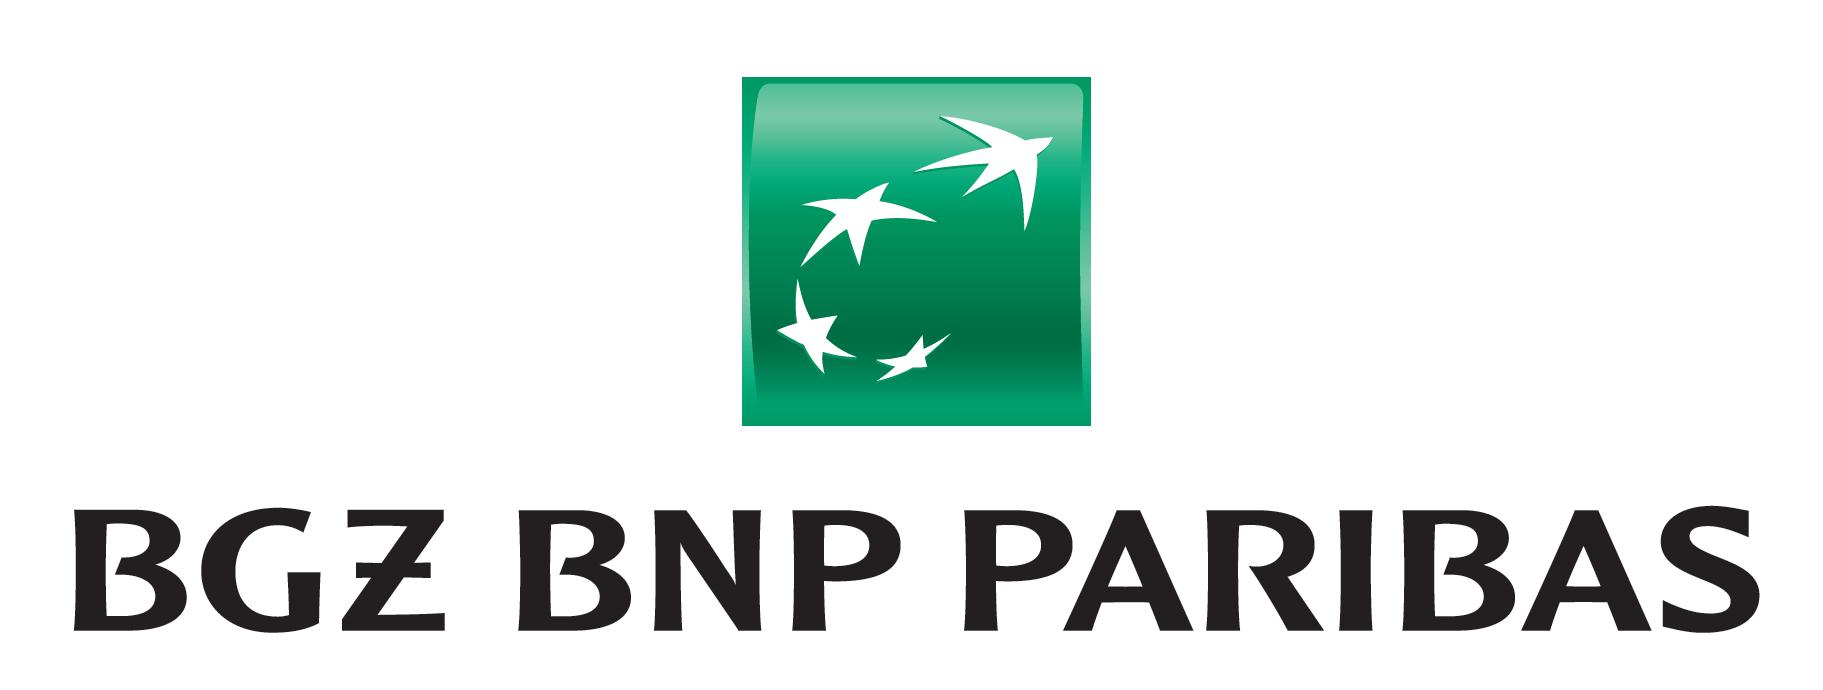 Dotacje odnawialne źródła energii Paribas BGŻ BNP